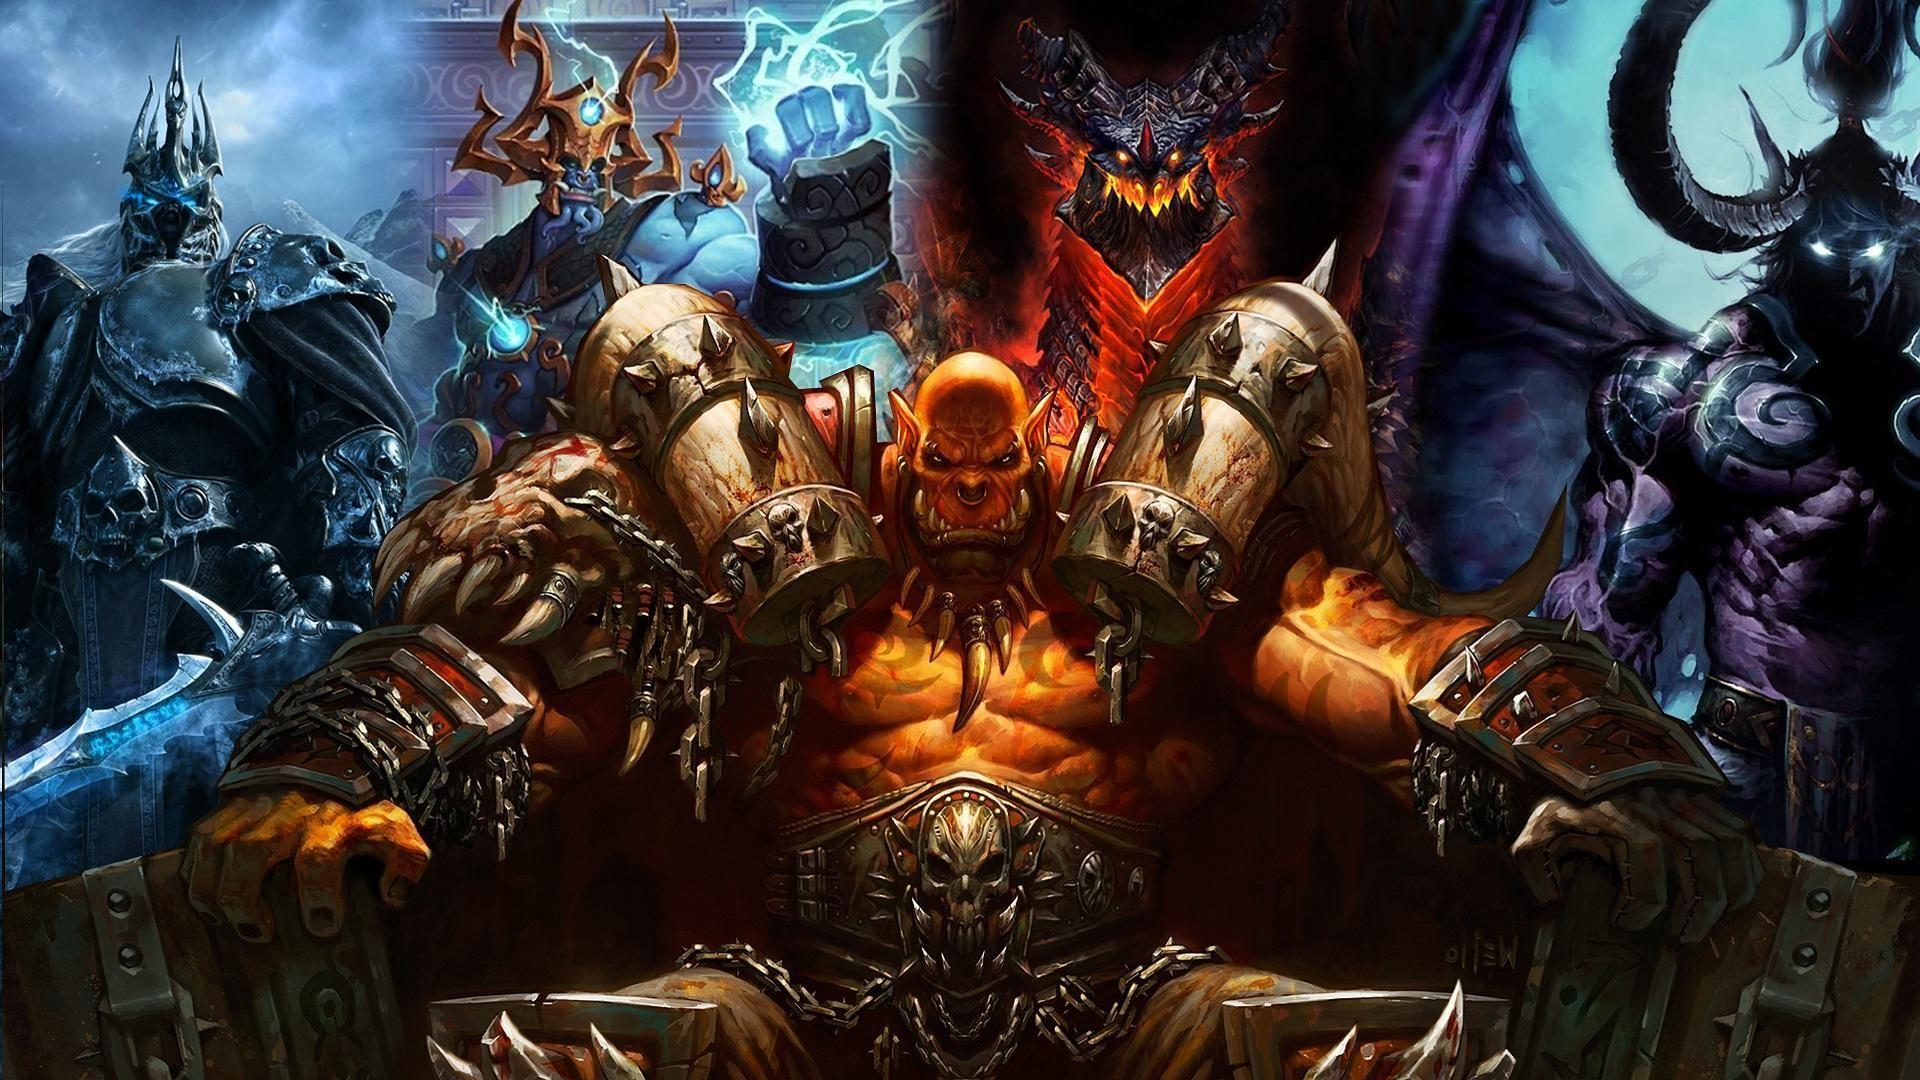 10294 - Villanos del Warcraft. ¿Los reconoces a todos?